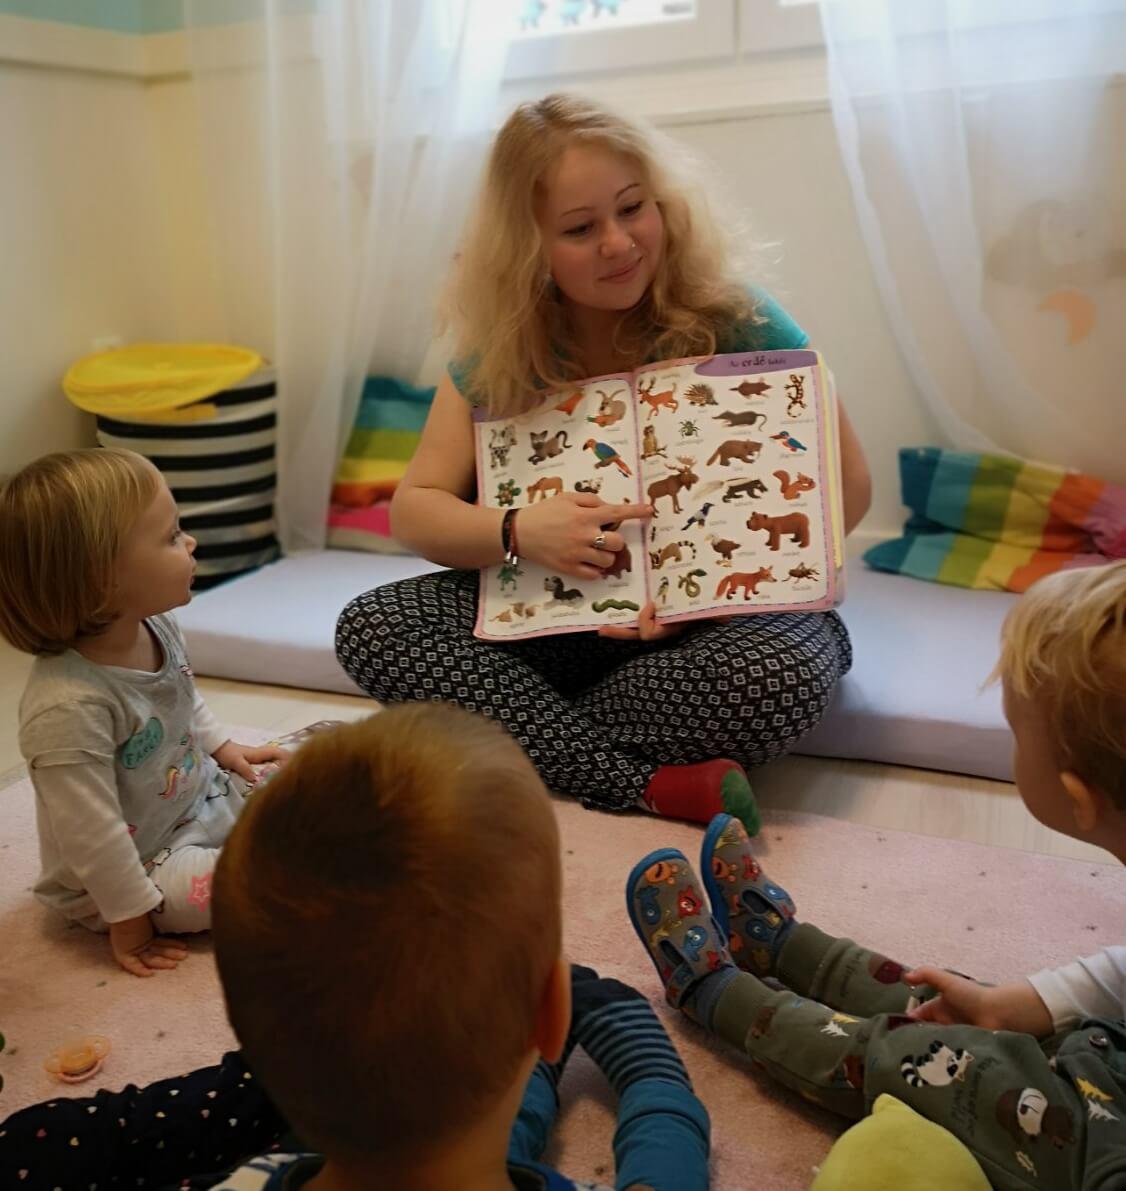 Meseolvasás foglalkozás a Züm-Züm Bölcsi Bornemissza utcai családi bölcsődében